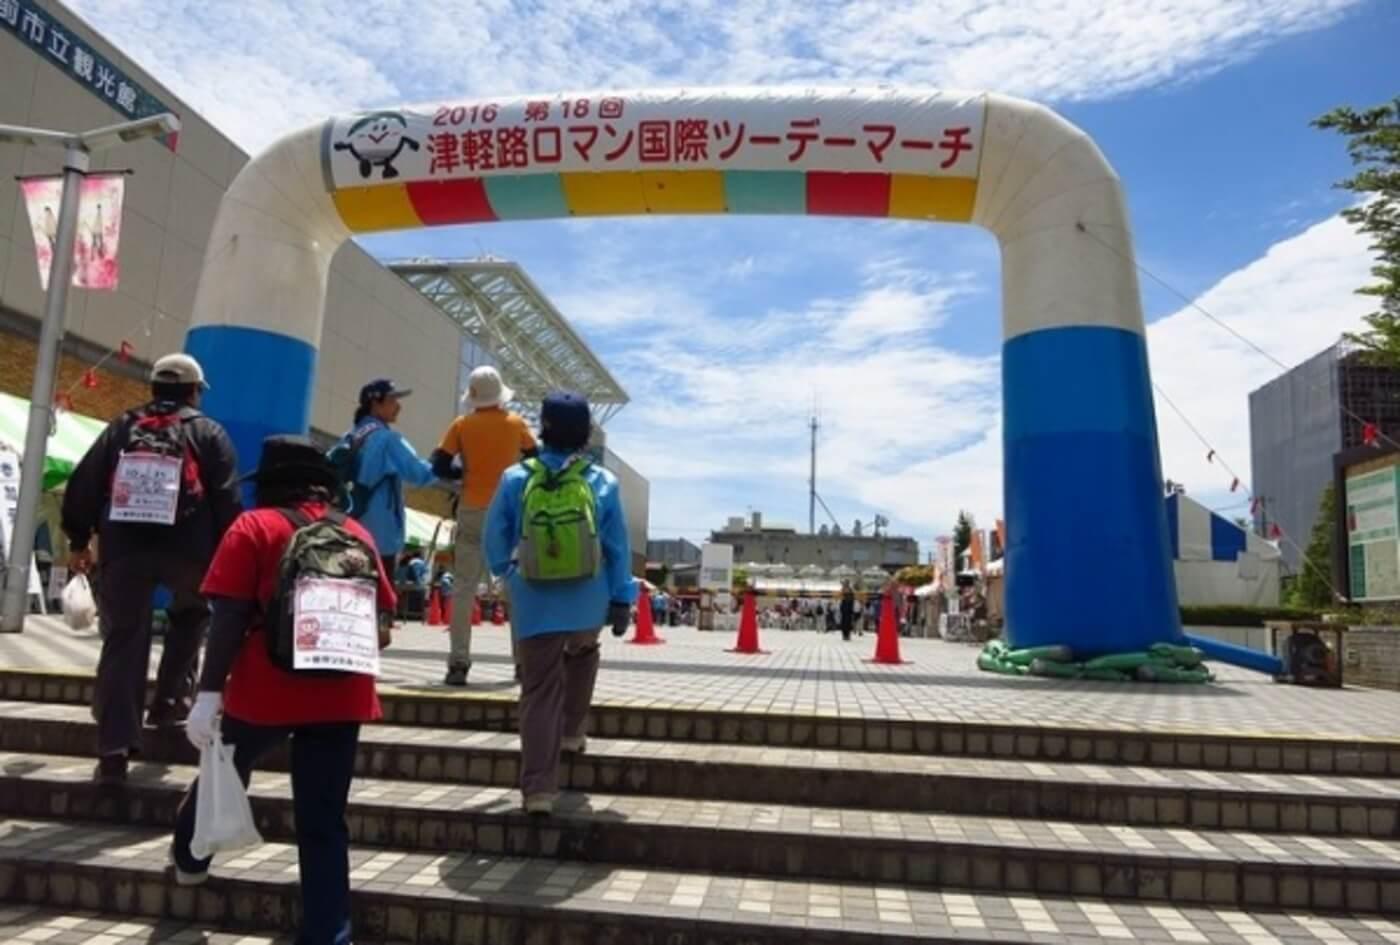 津軽路ロマン国際ツーデーマーチ | 青森(弘前市立観光館・猿賀神社)